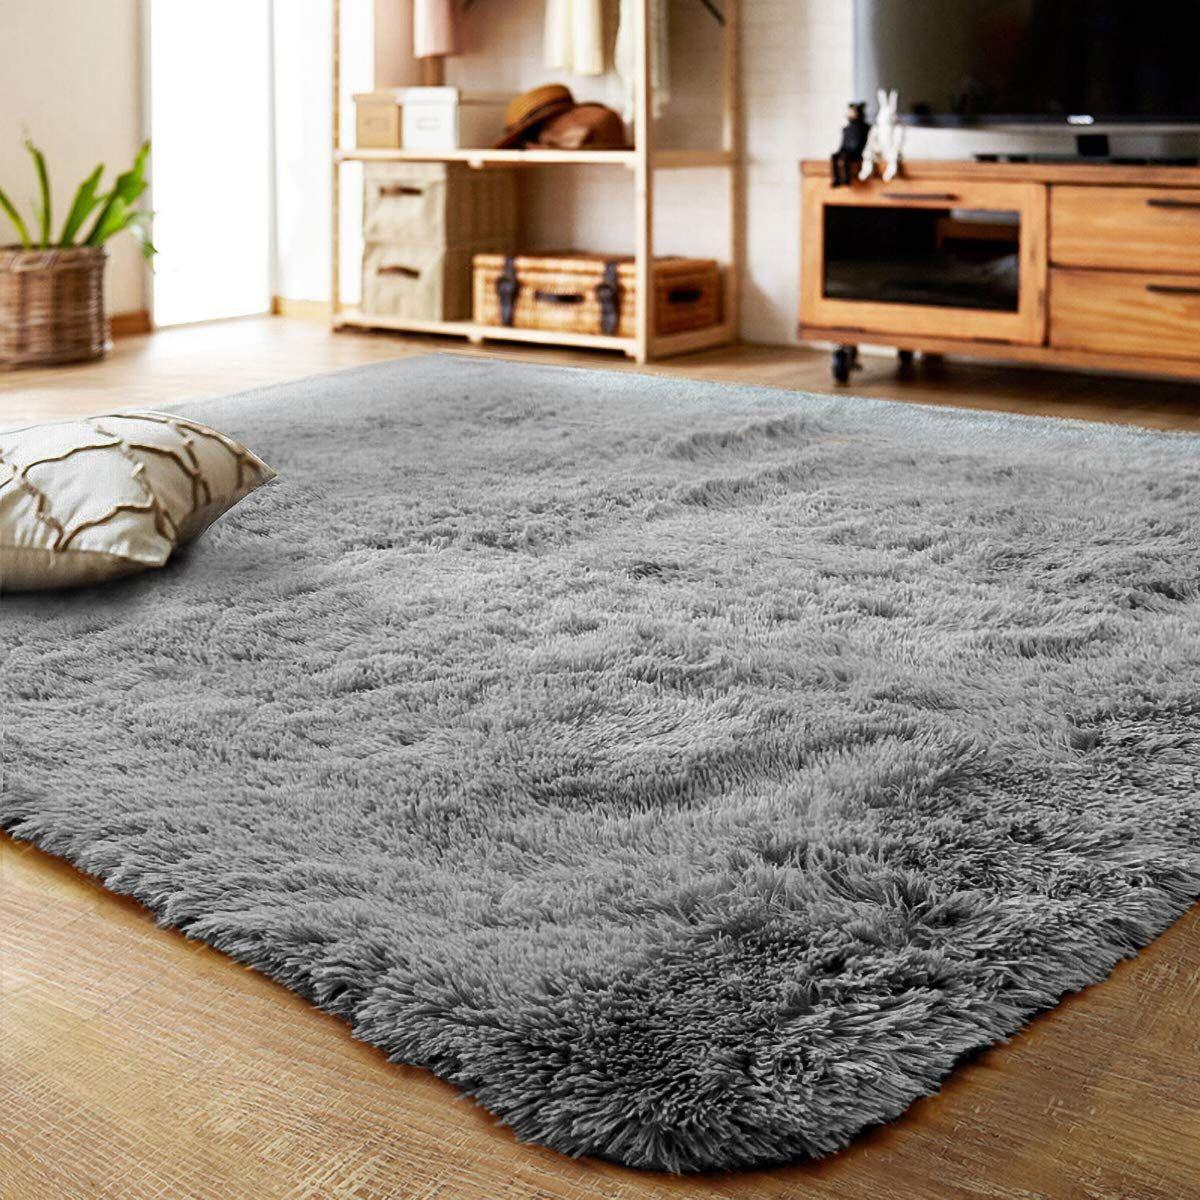 Pin De Dulce Em Rugs And Carpets Com Imagens Carpete Utensilios Para Casa